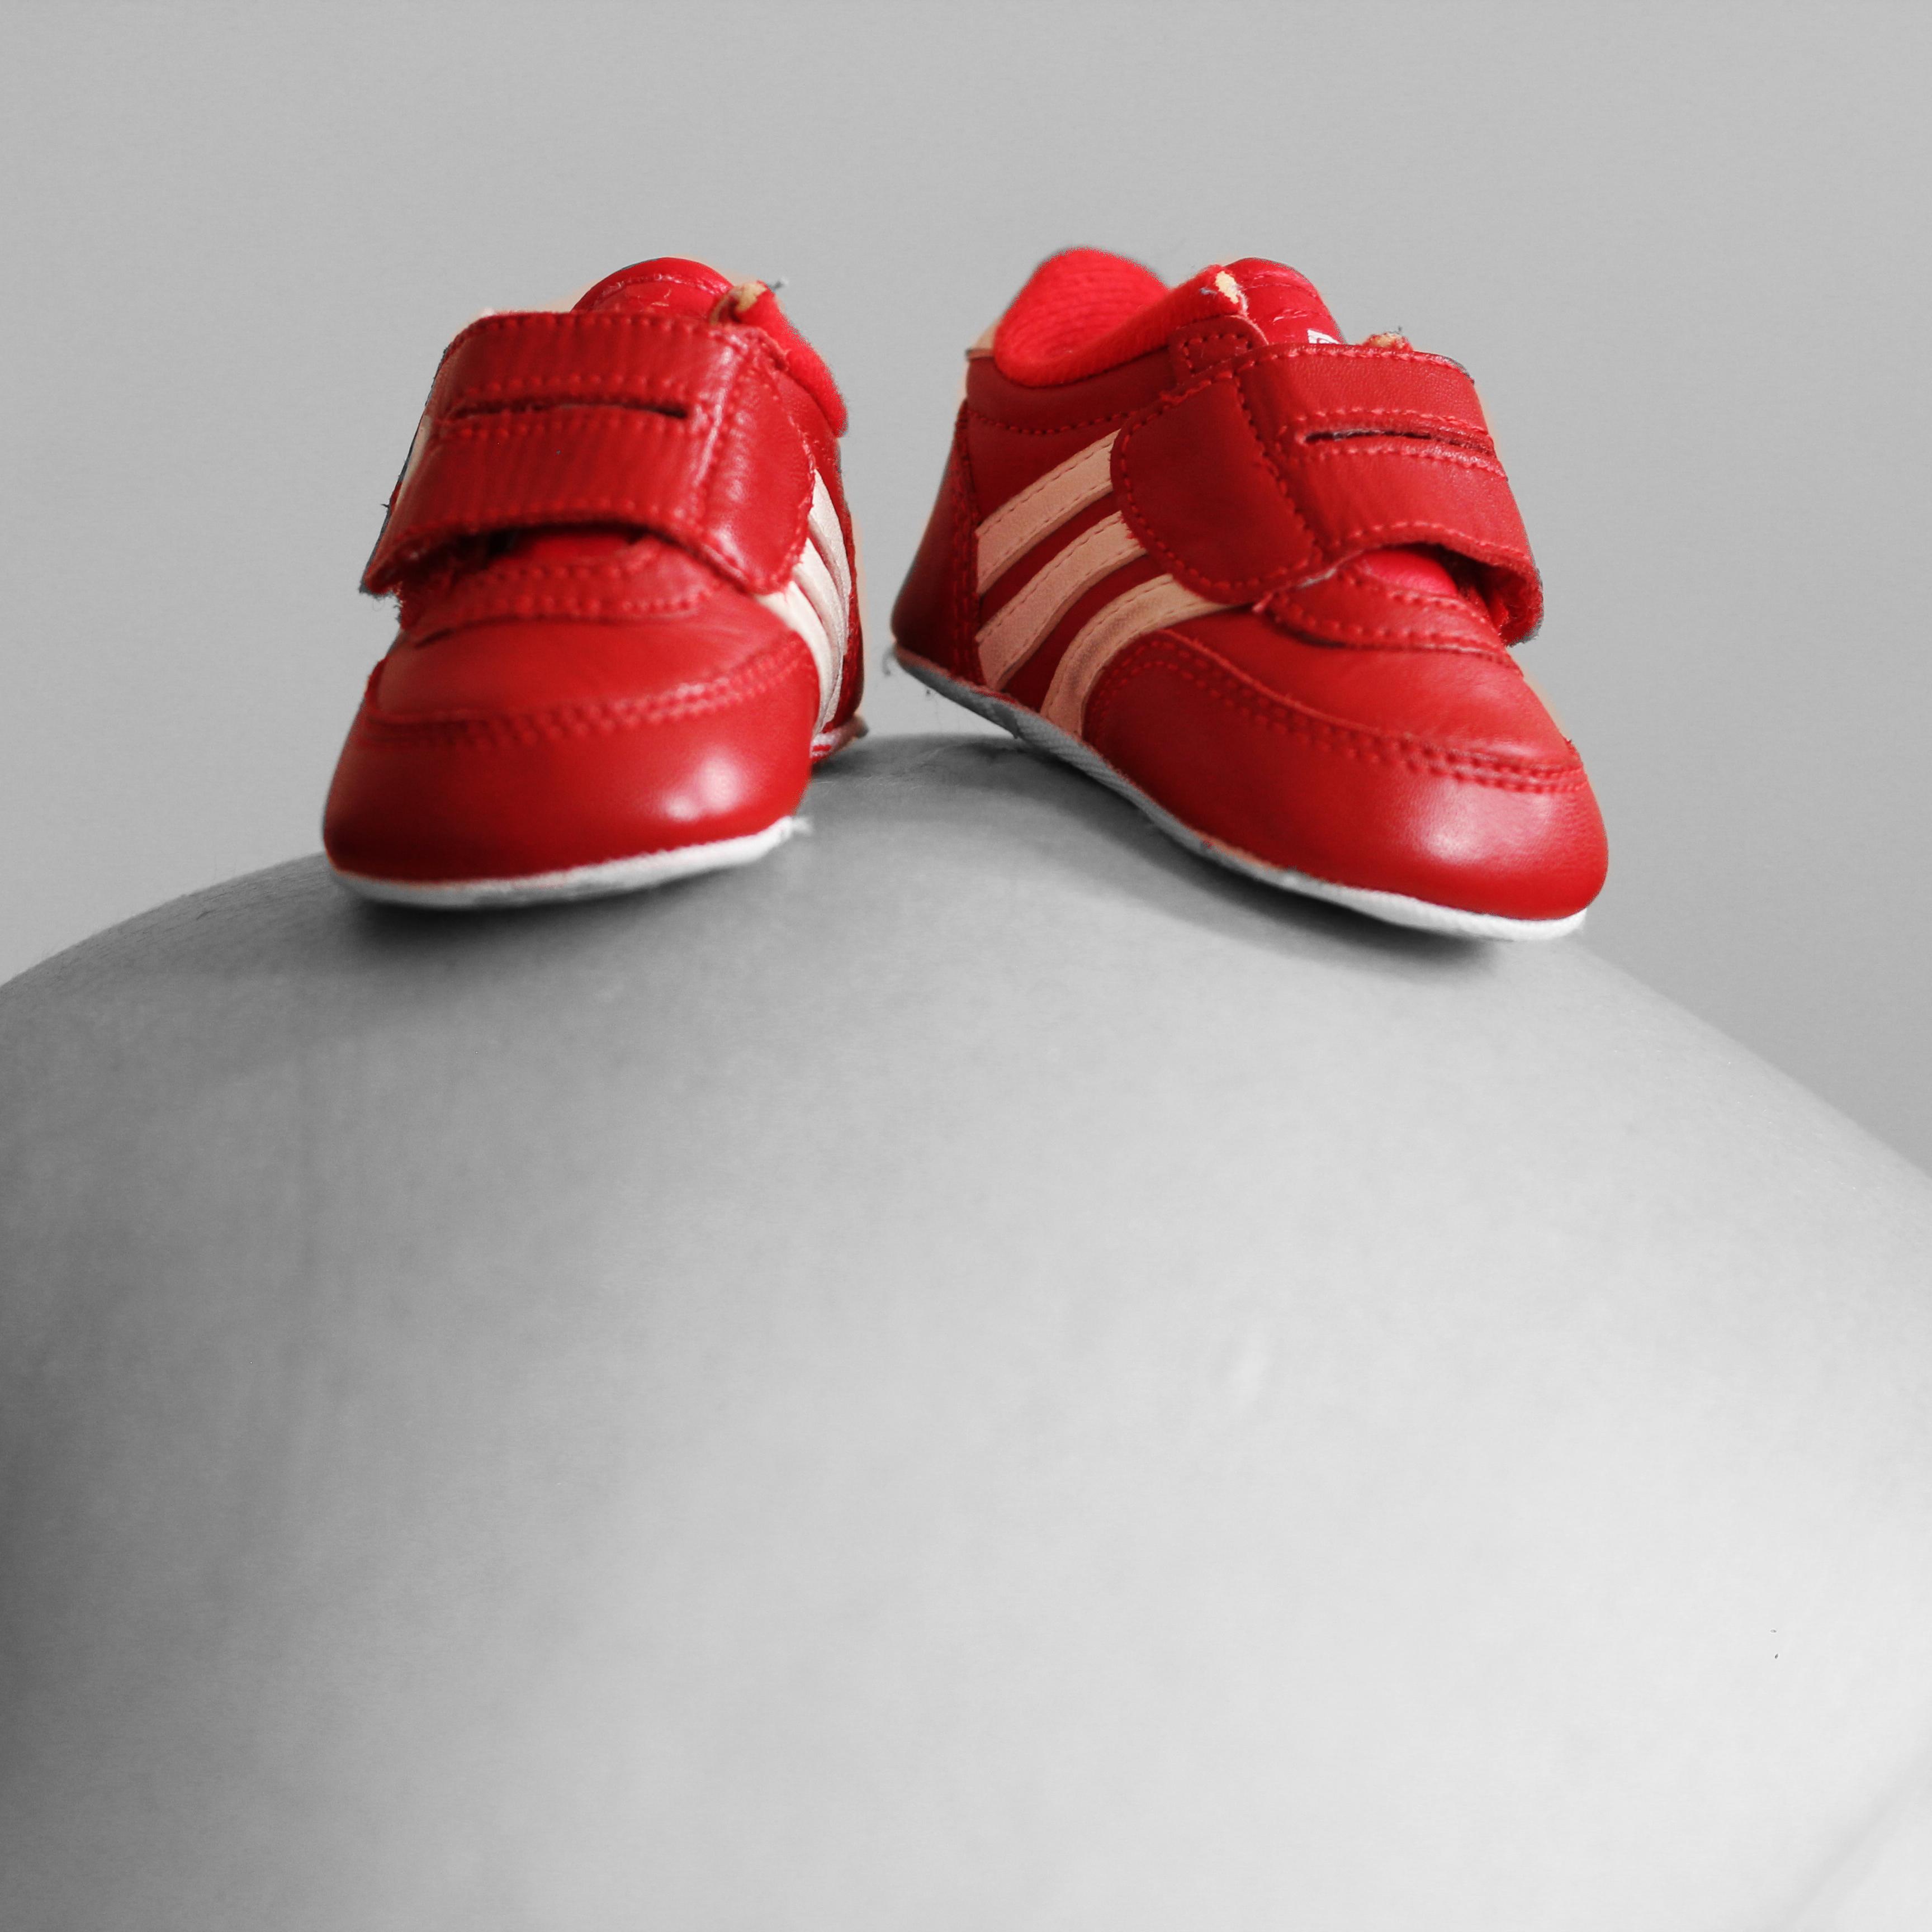 Fotos gratis : zapato, blanco, cuero, rojo, rosado, bebé, el ...